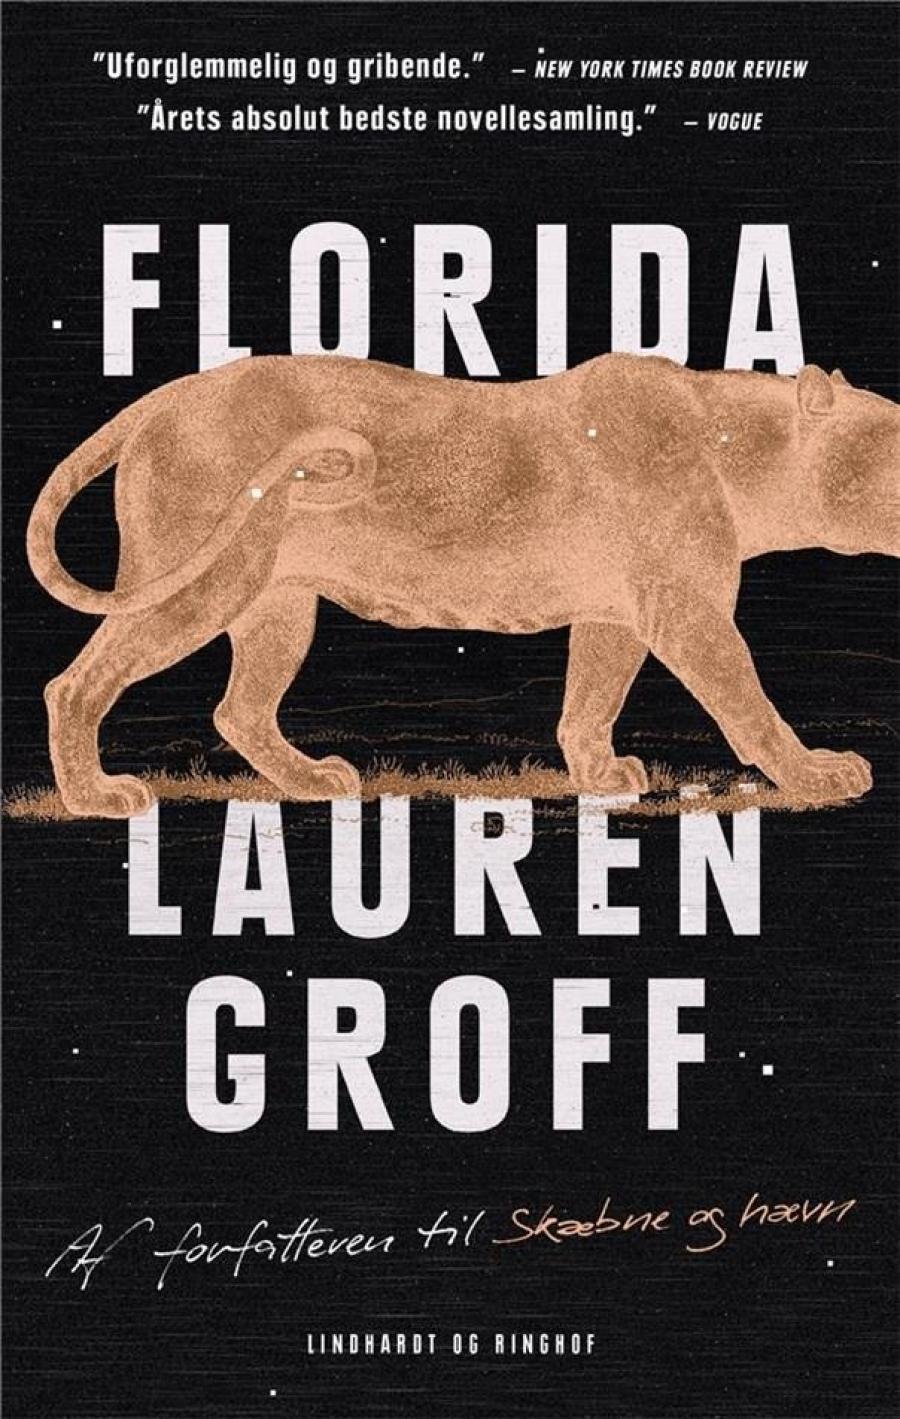 Billede af bogen Florida af Lauren Groff